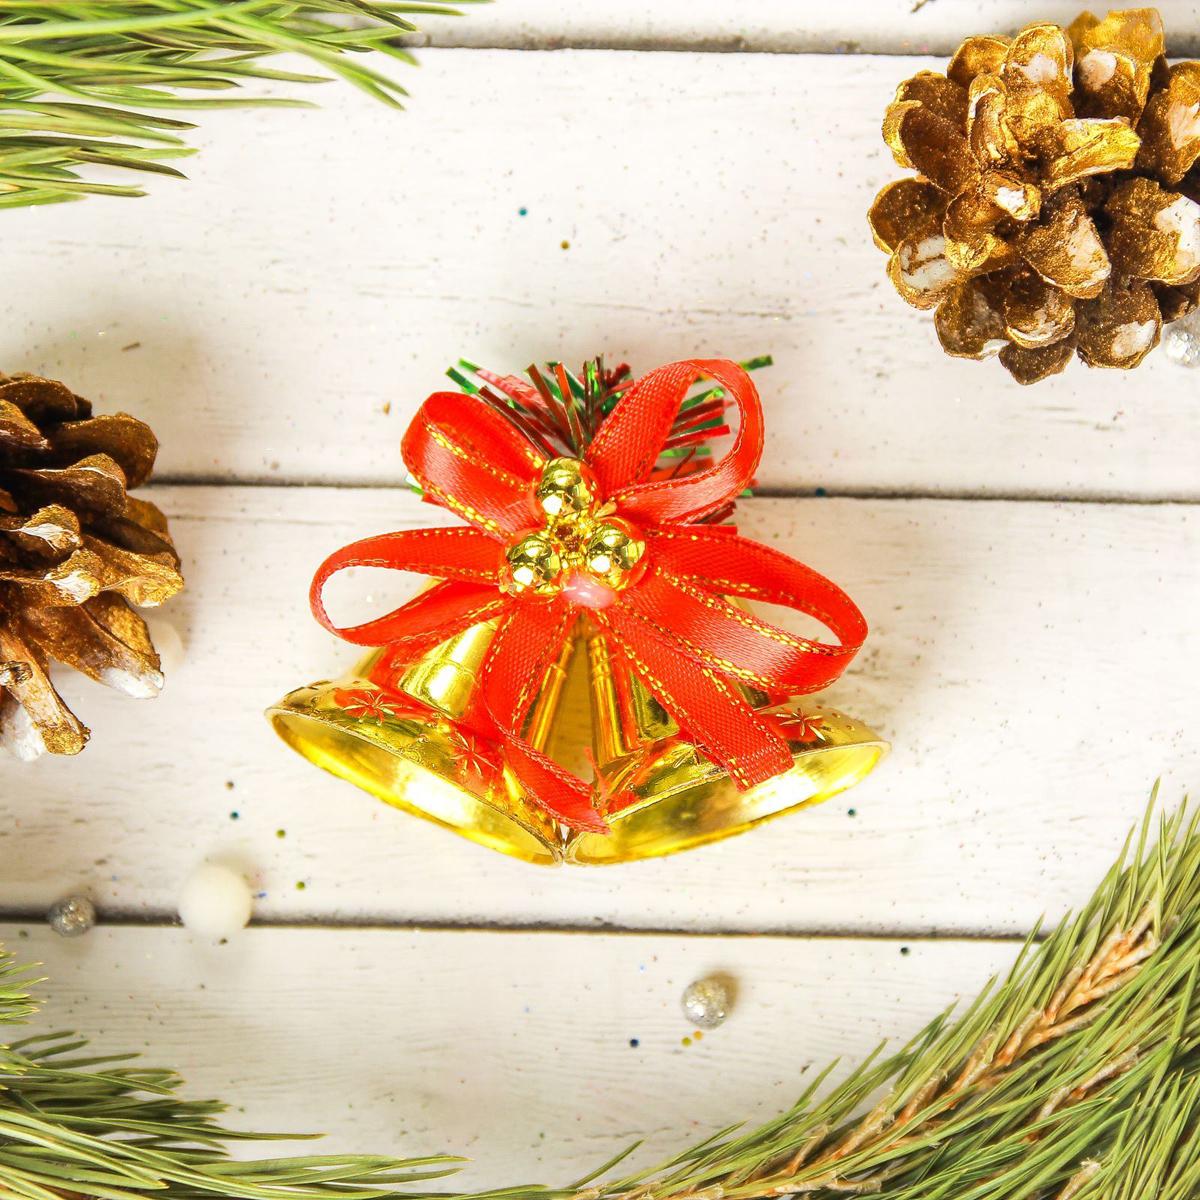 Украшение новогоднее елочное Sima-land Колокольчик с красной ленточкой, 6 х 4 см, 3 шт2372156Невозможно представить нашу жизнь без праздников! Мы всегда ждём их и предвкушаем, обдумываем, как проведём памятный день, тщательно выбираем подарки и аксессуары, ведь именно они создают и поддерживают торжественный настрой.